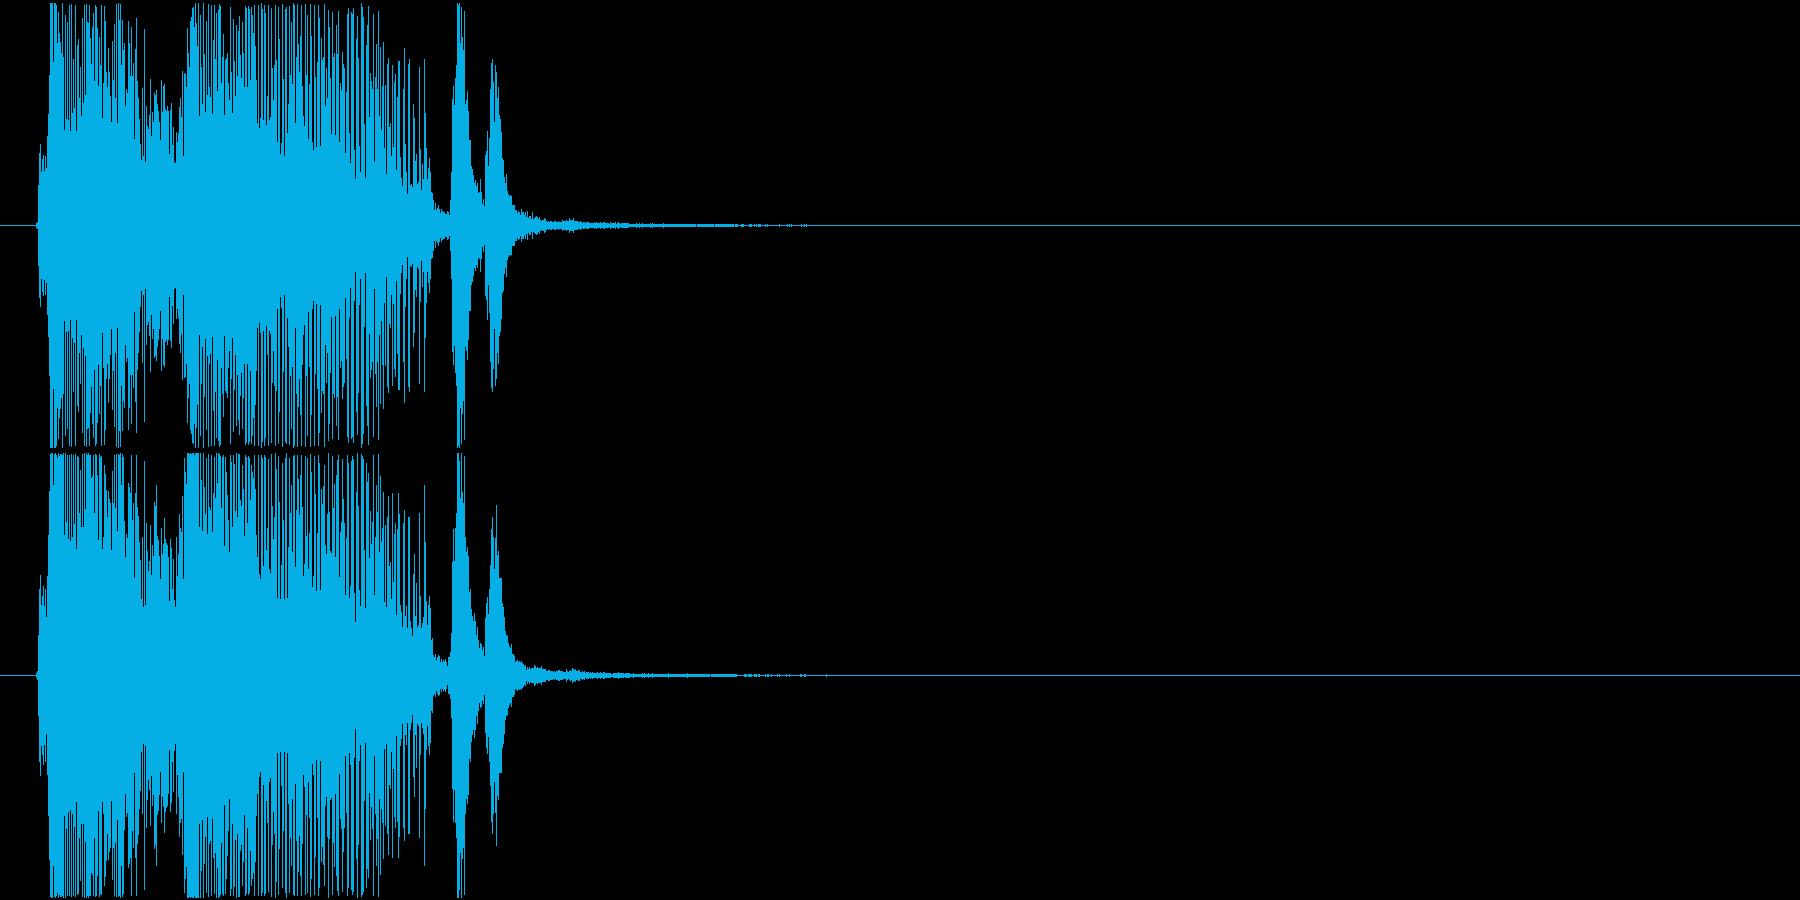 「パーフェクト」ゲーム・アプリ用2の再生済みの波形